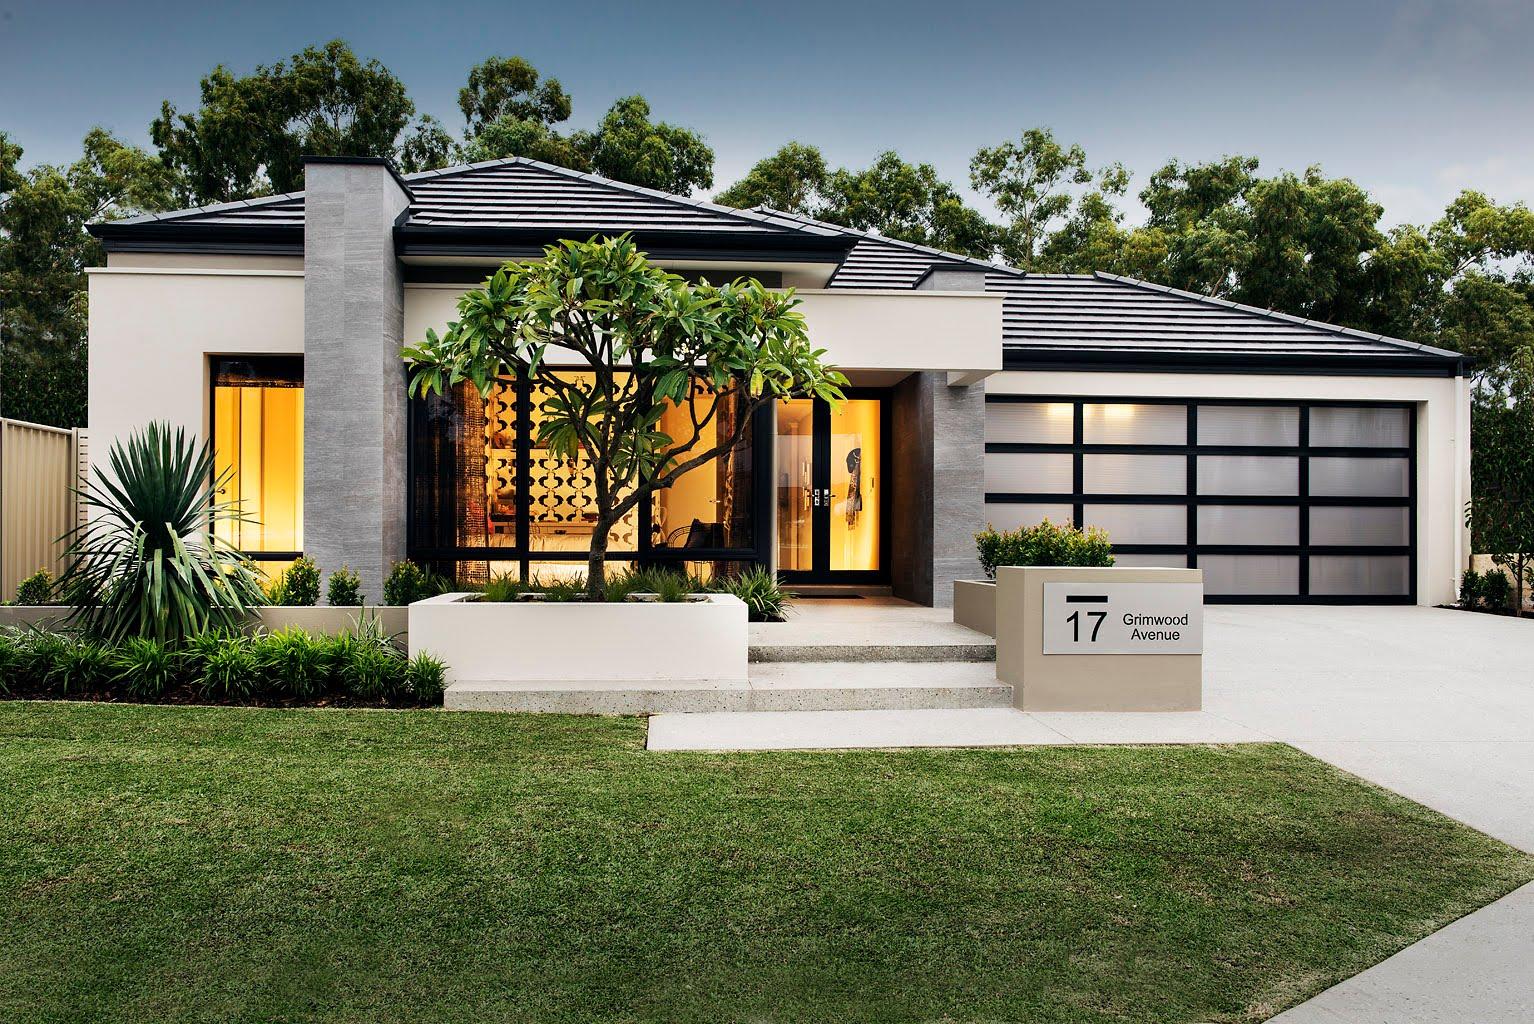 Modern Home Design: The Millennial's Home